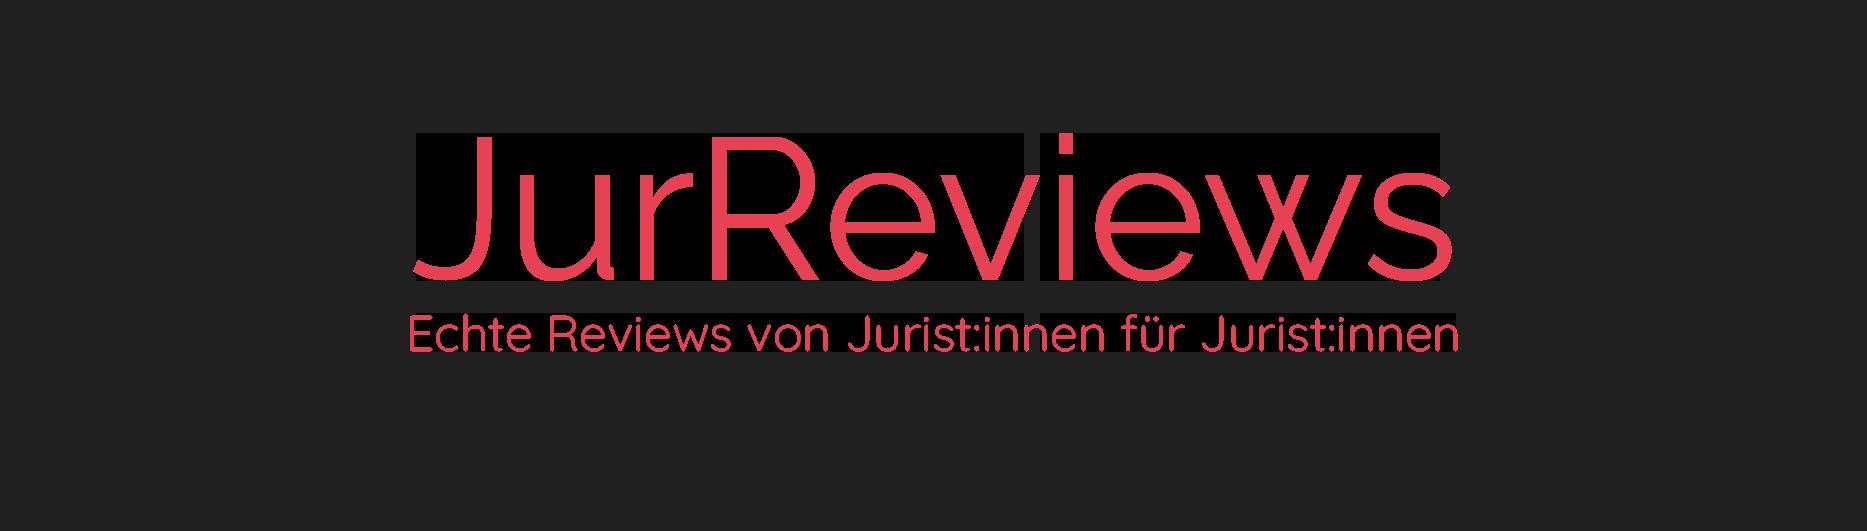 Jura Review einreichen